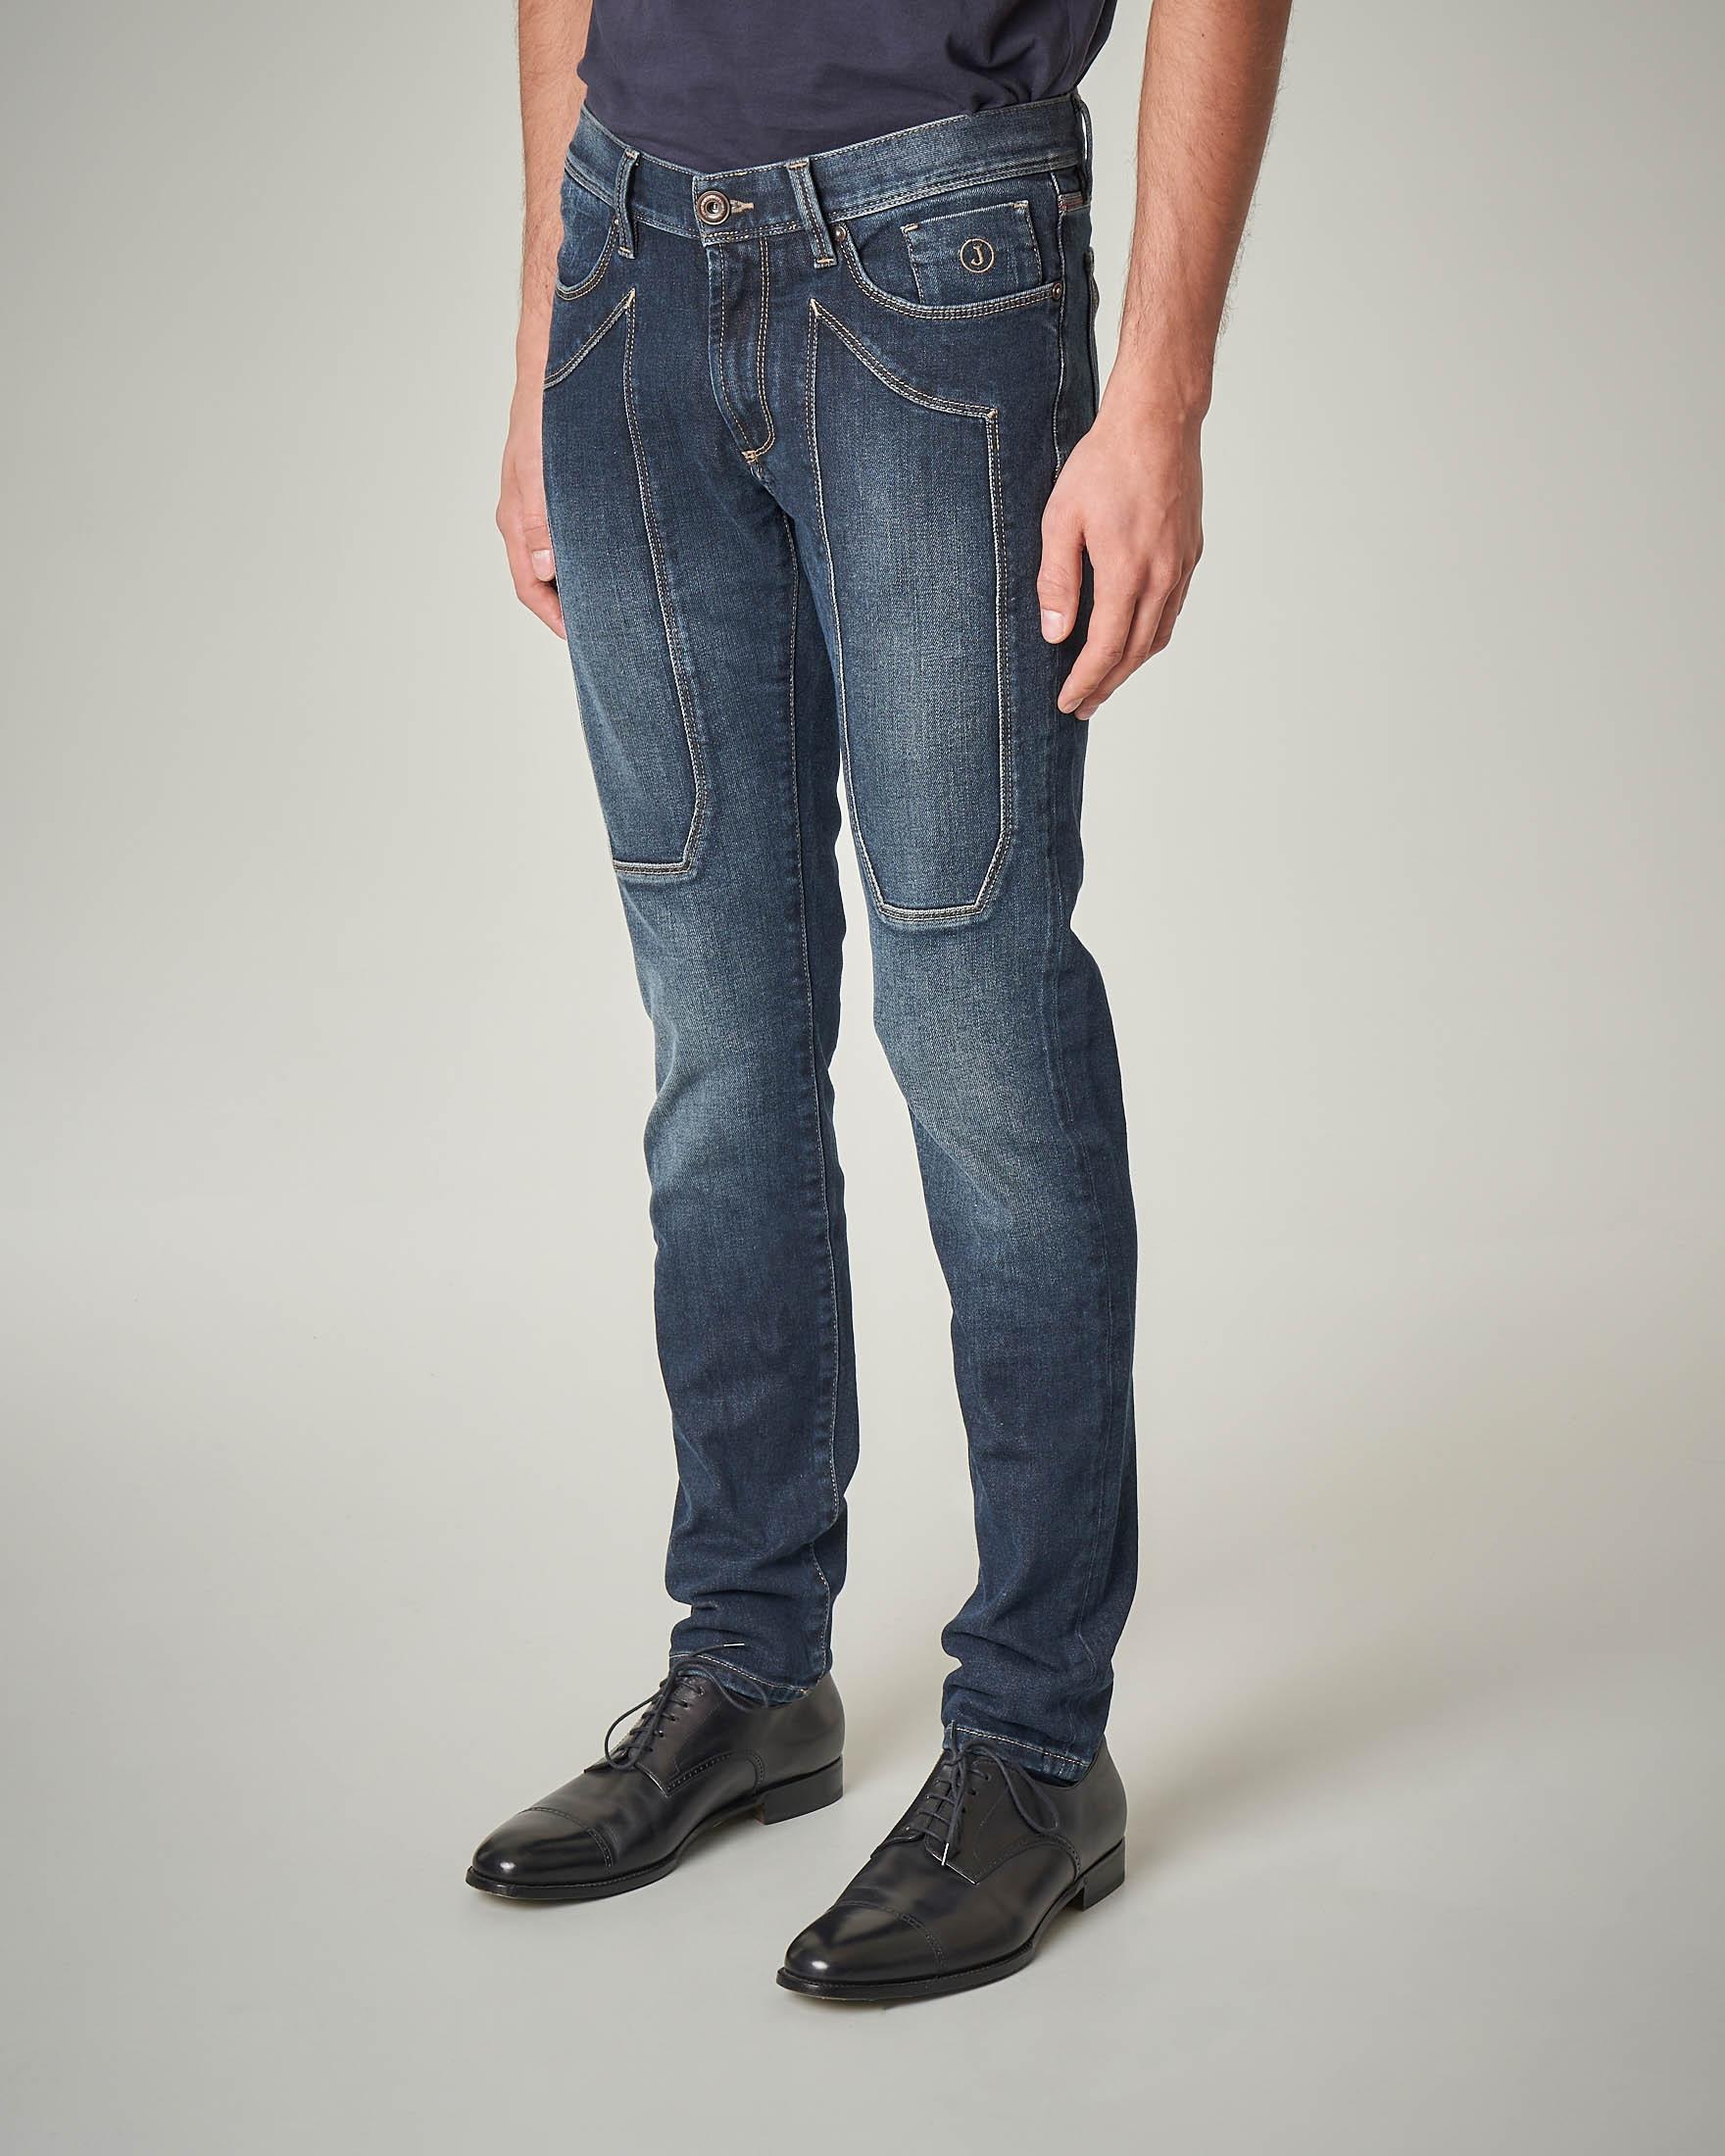 Jeans lavaggio scuro con sbiancature e toppa